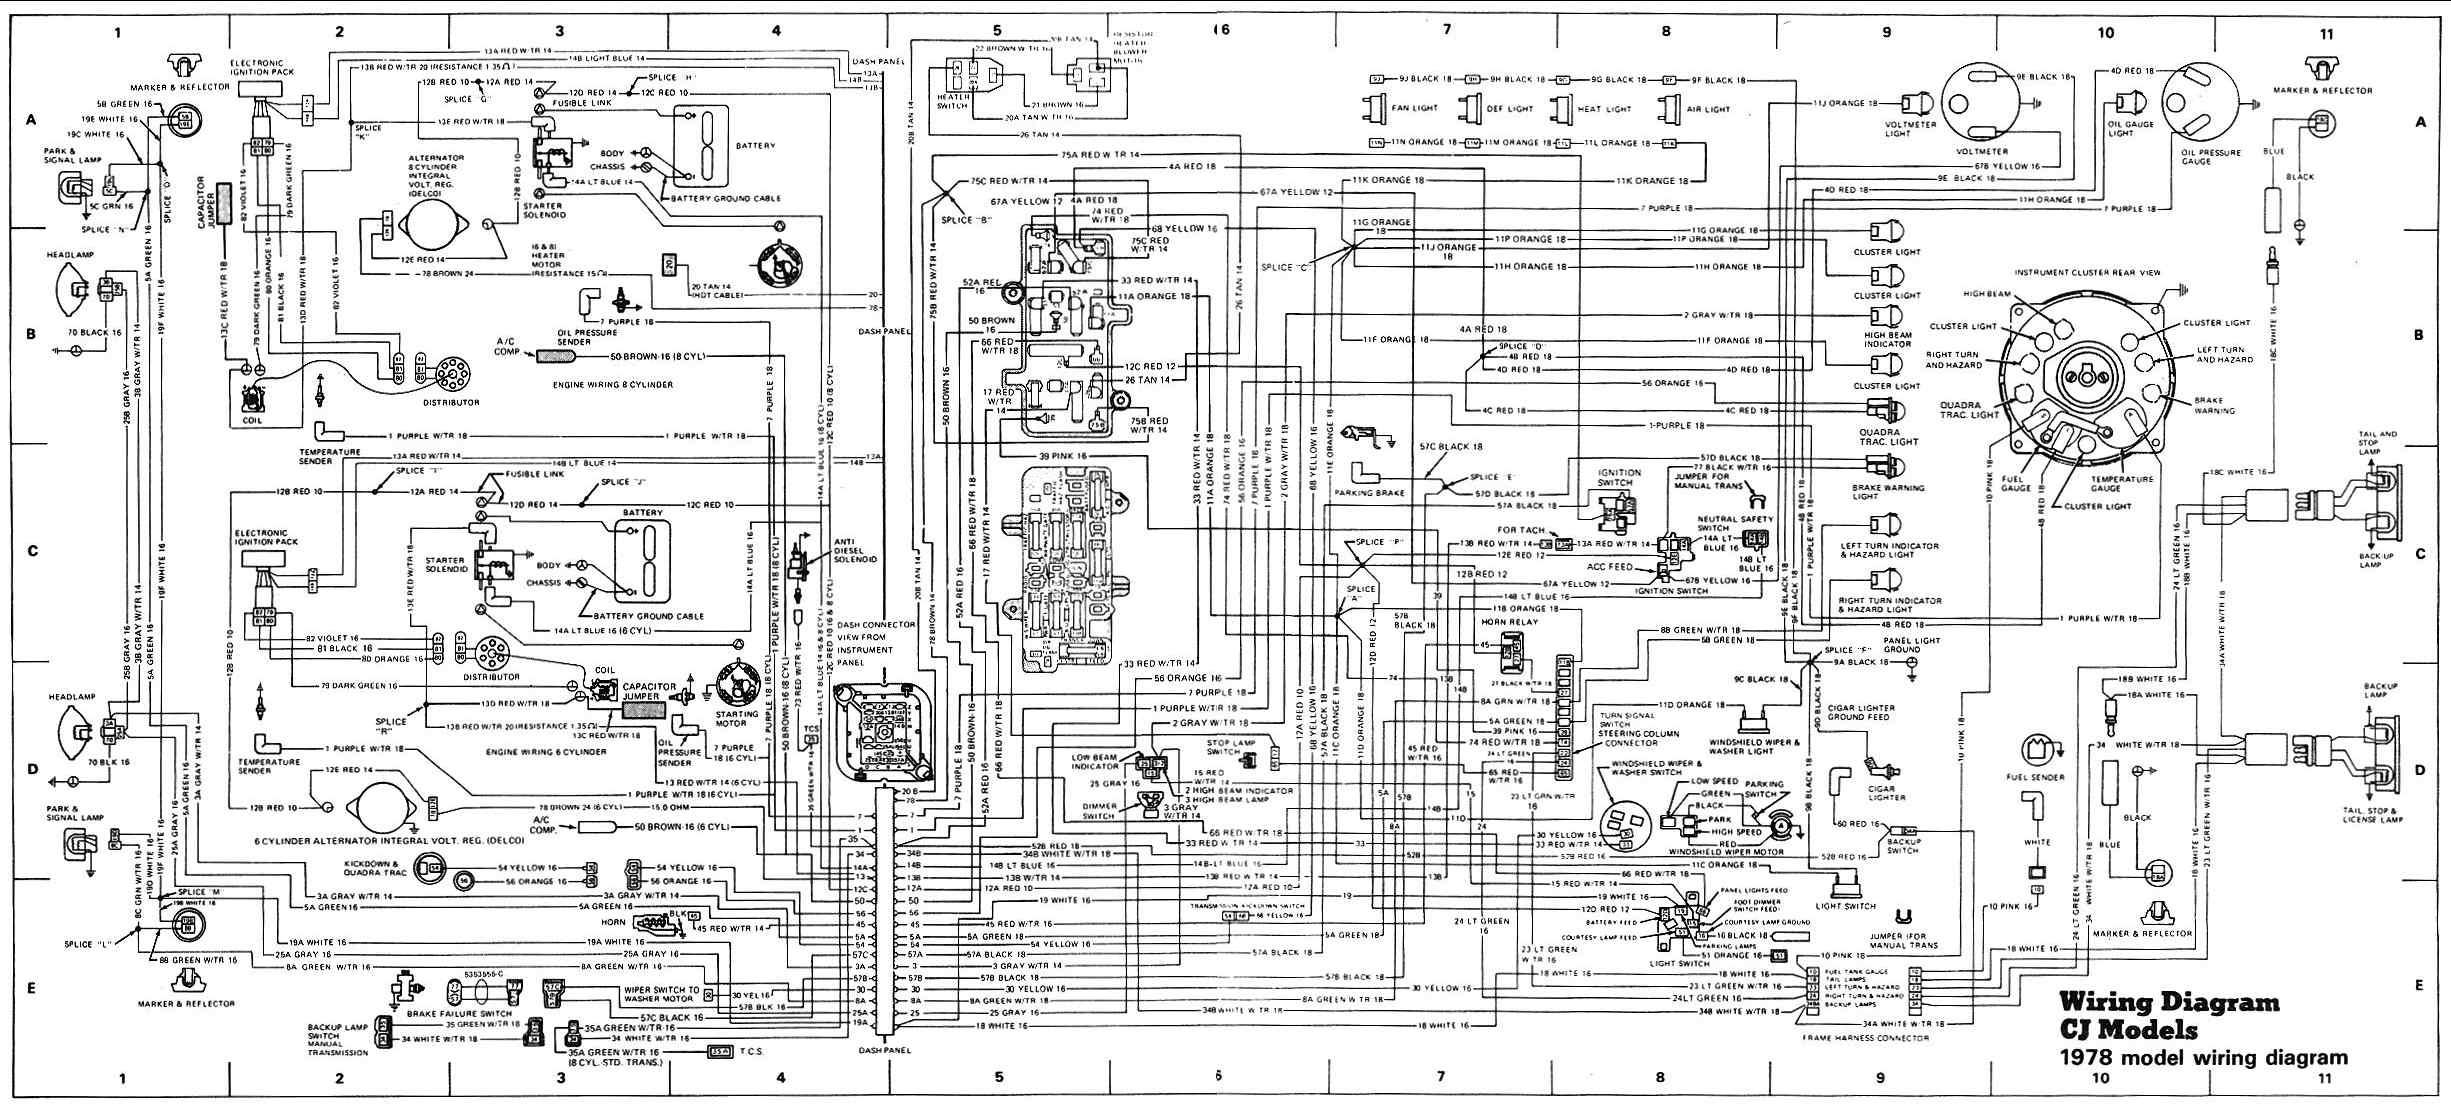 Schön 82 Cj7 Schaltplan Fotos - Elektrische Schaltplan-Ideen ...